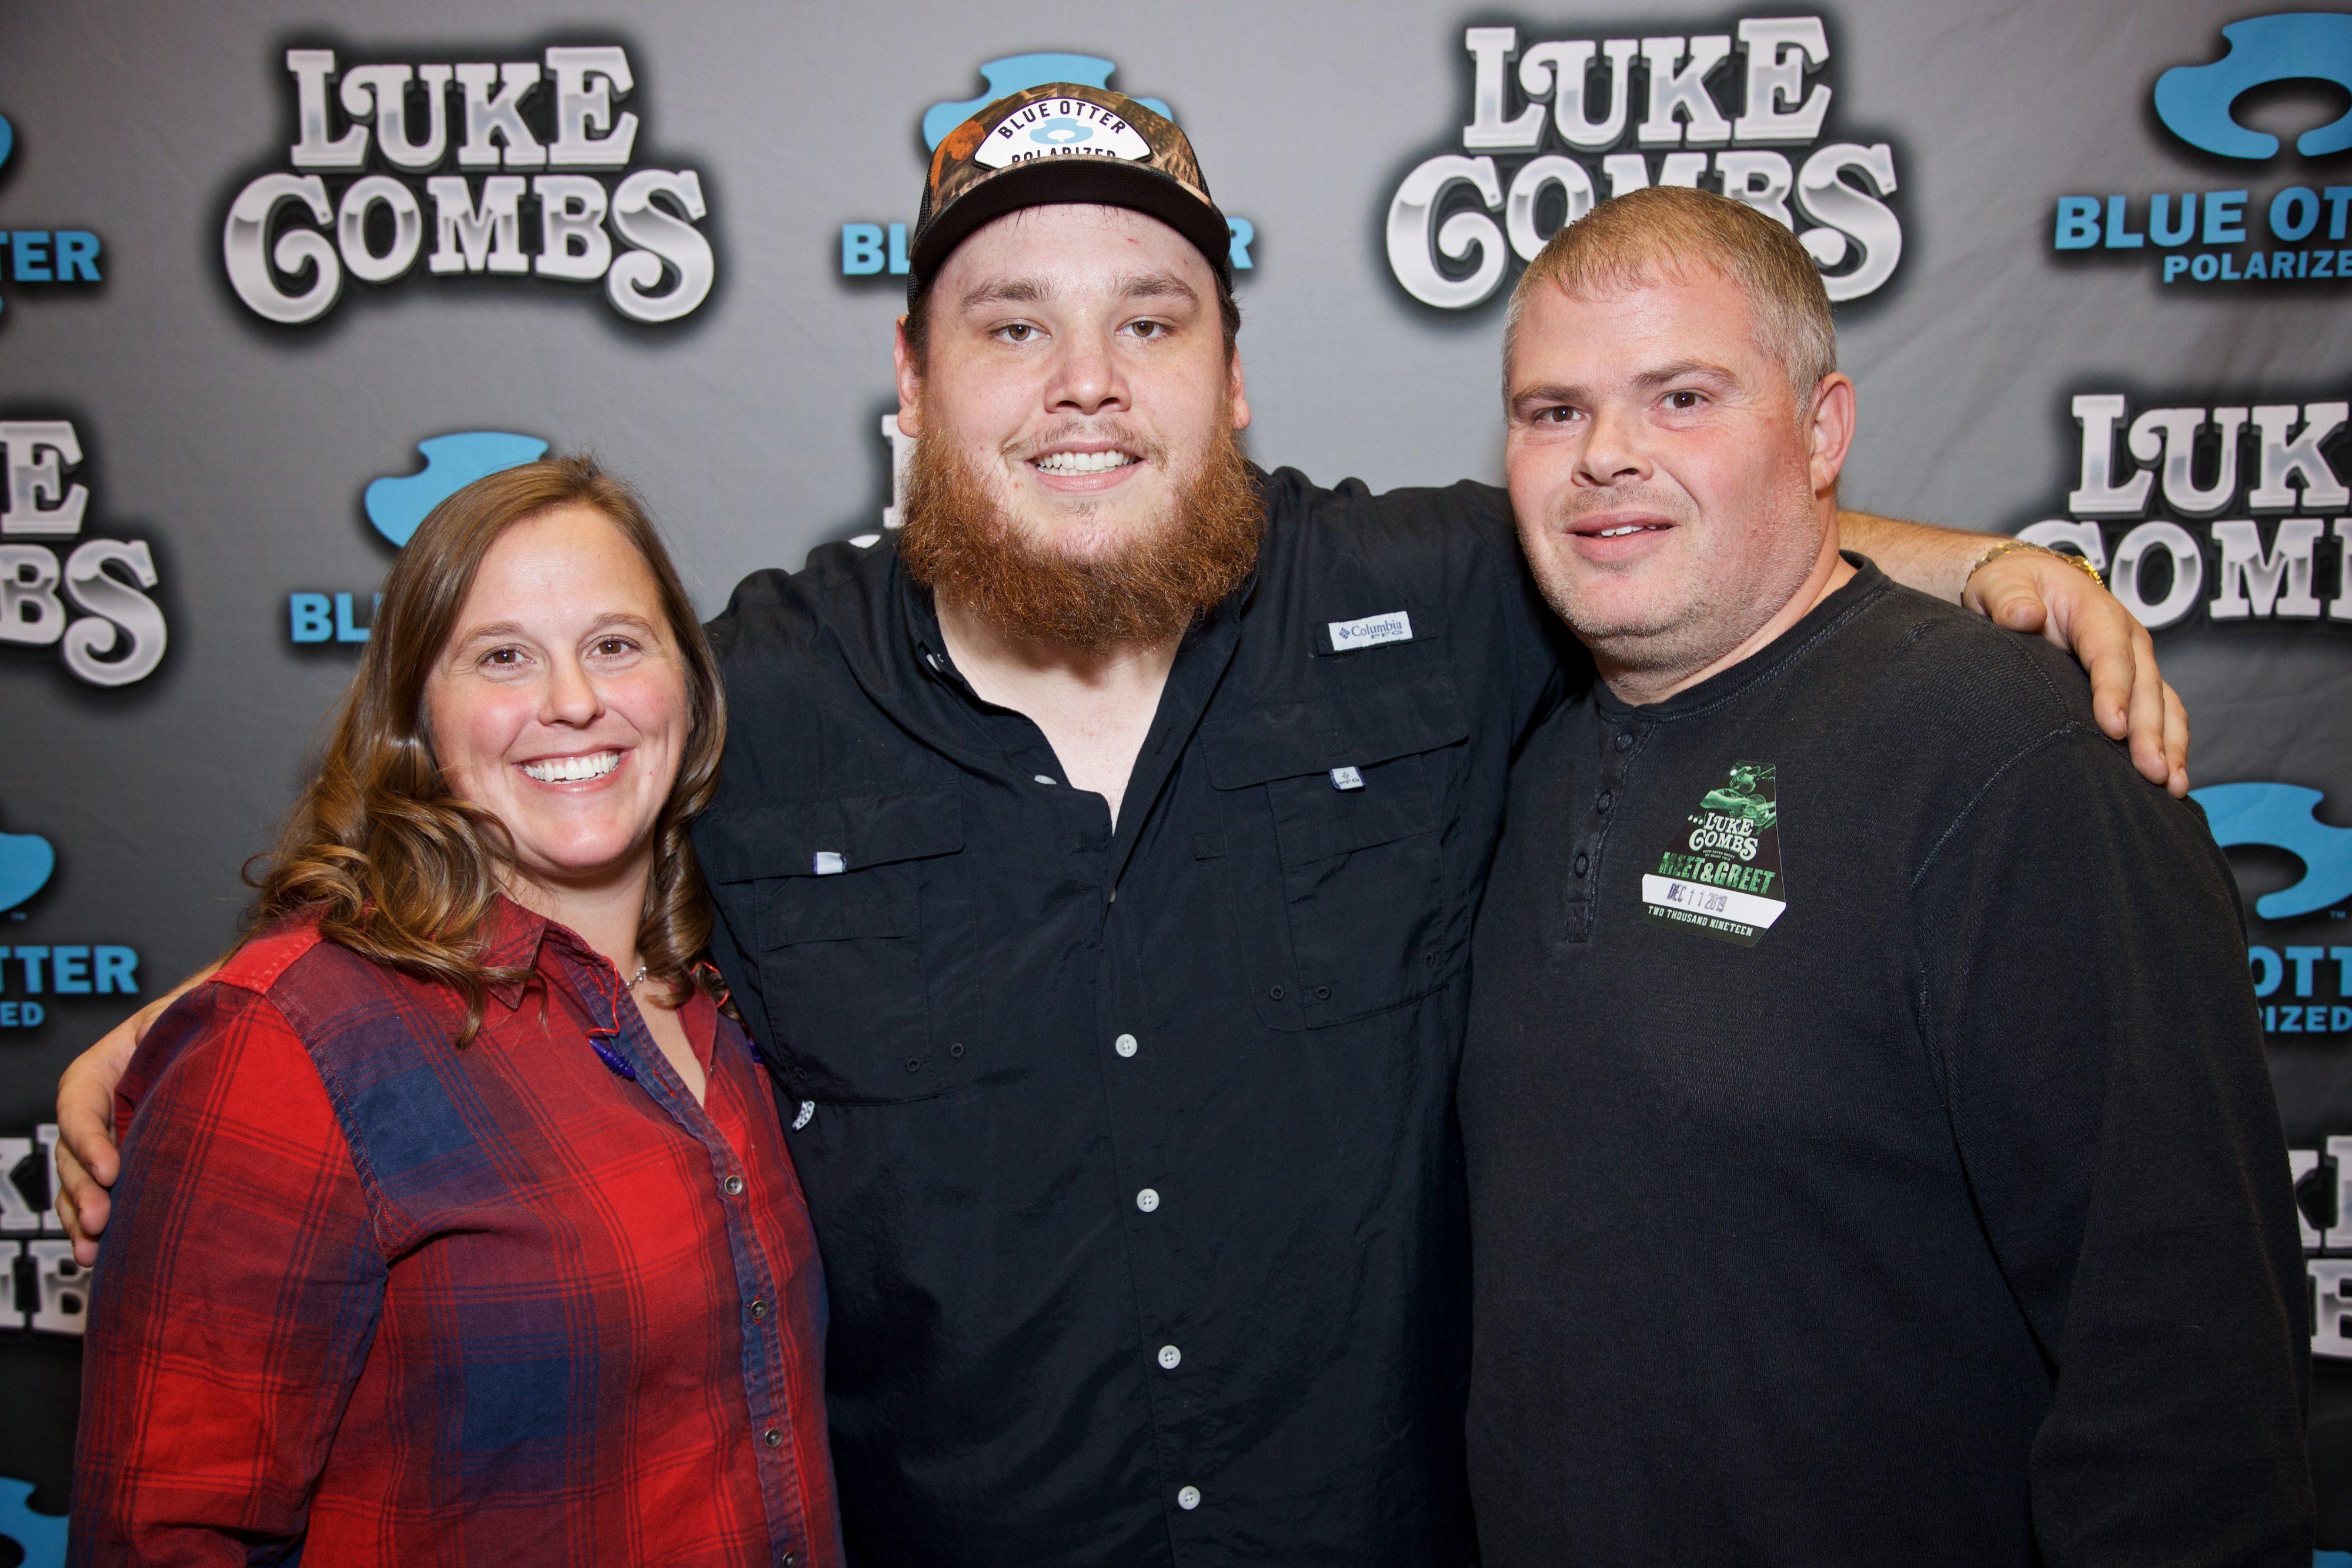 20191211_Luke_Combs_Louisville_0572